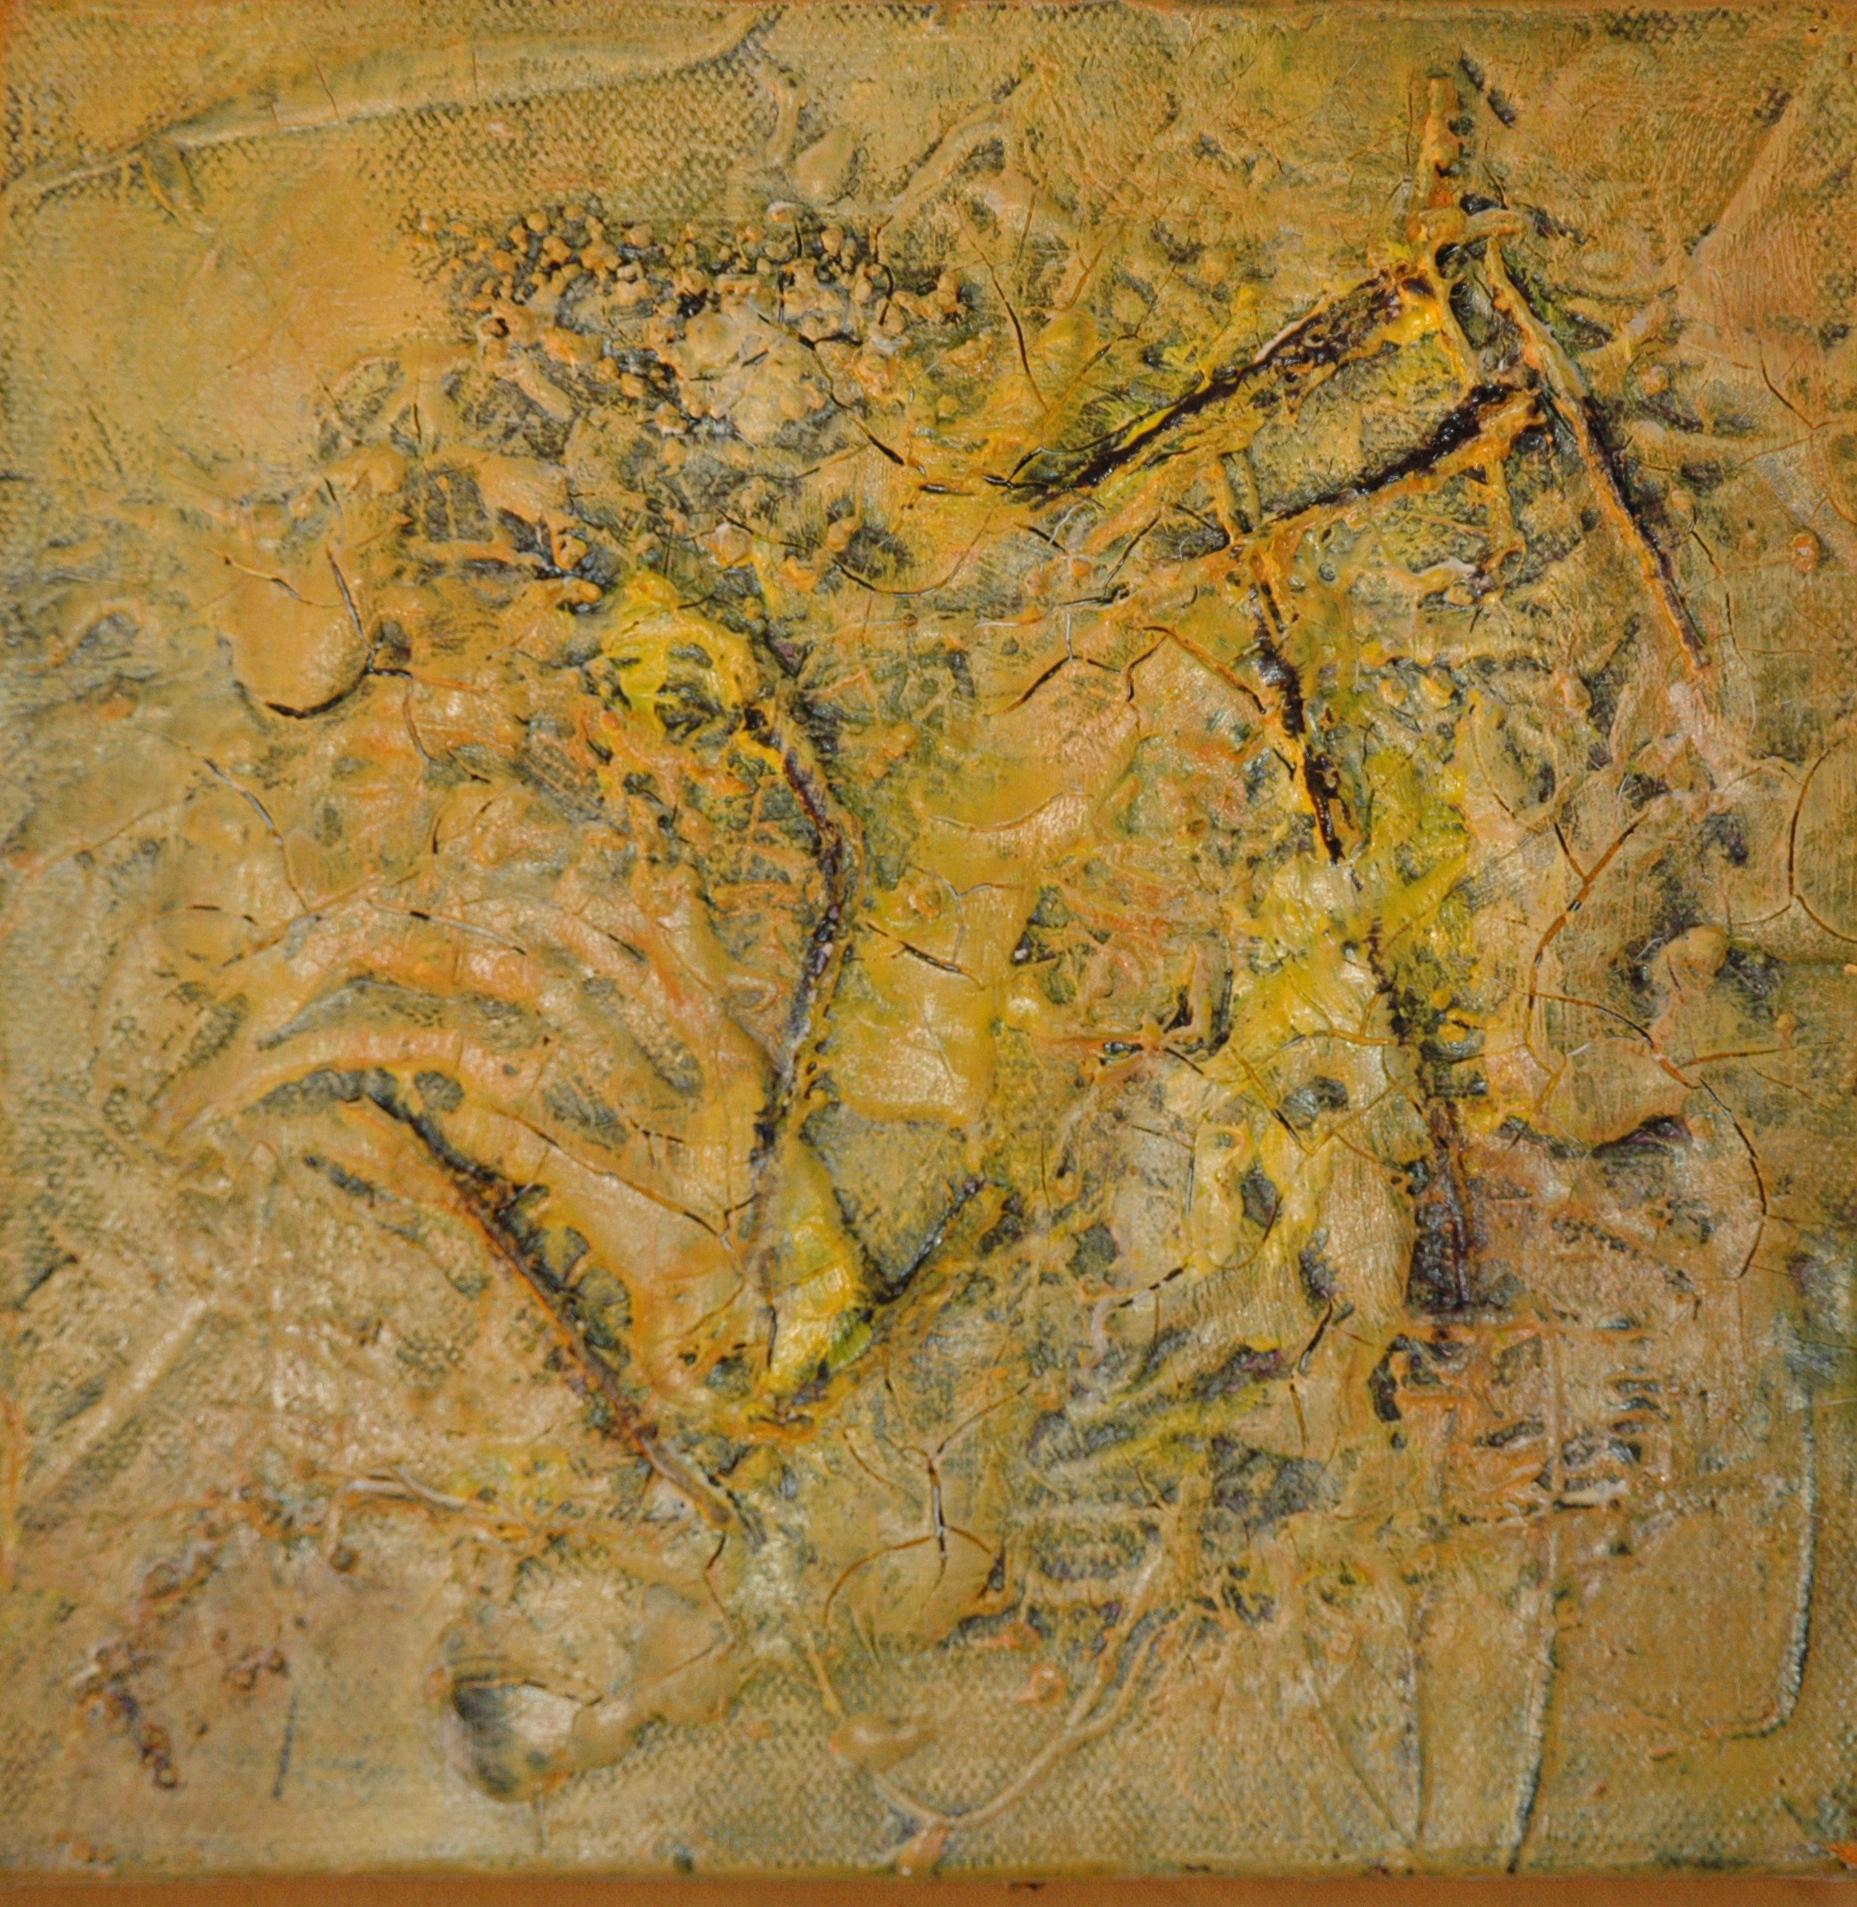 19,5 x 19,5 x 4cm, acryl op katoen, met gebruik van materialen (textuur), deel van een 2-luik (yellow square 1 en 2), €85,- (enkel) €150,- (2-luik)